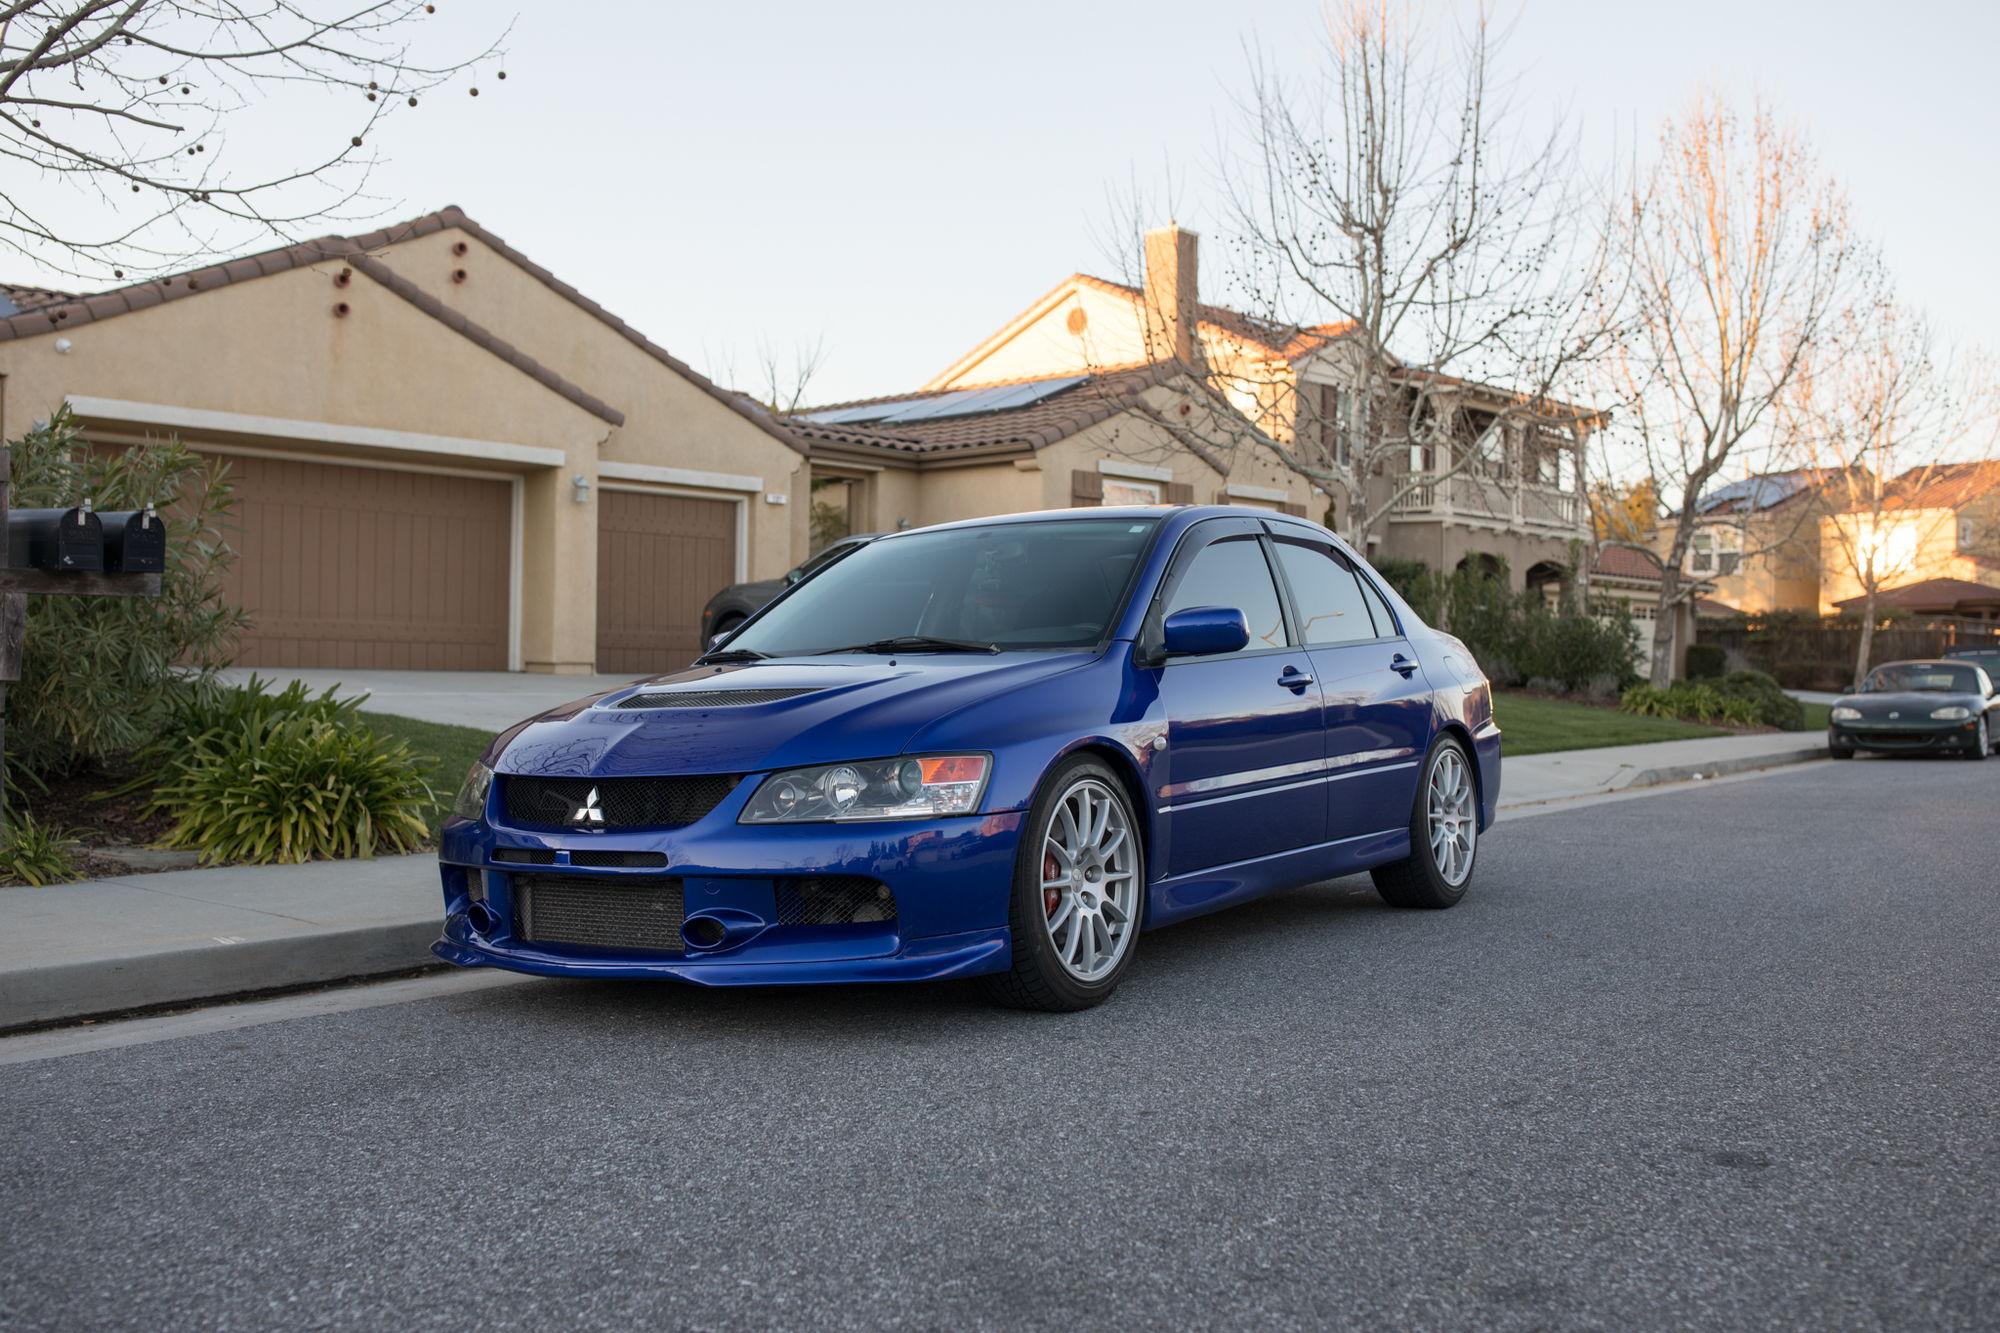 evo - FS [West]: [CA] 2005 Evo 8 Tastefully Modified Evo 9 Front/JDM